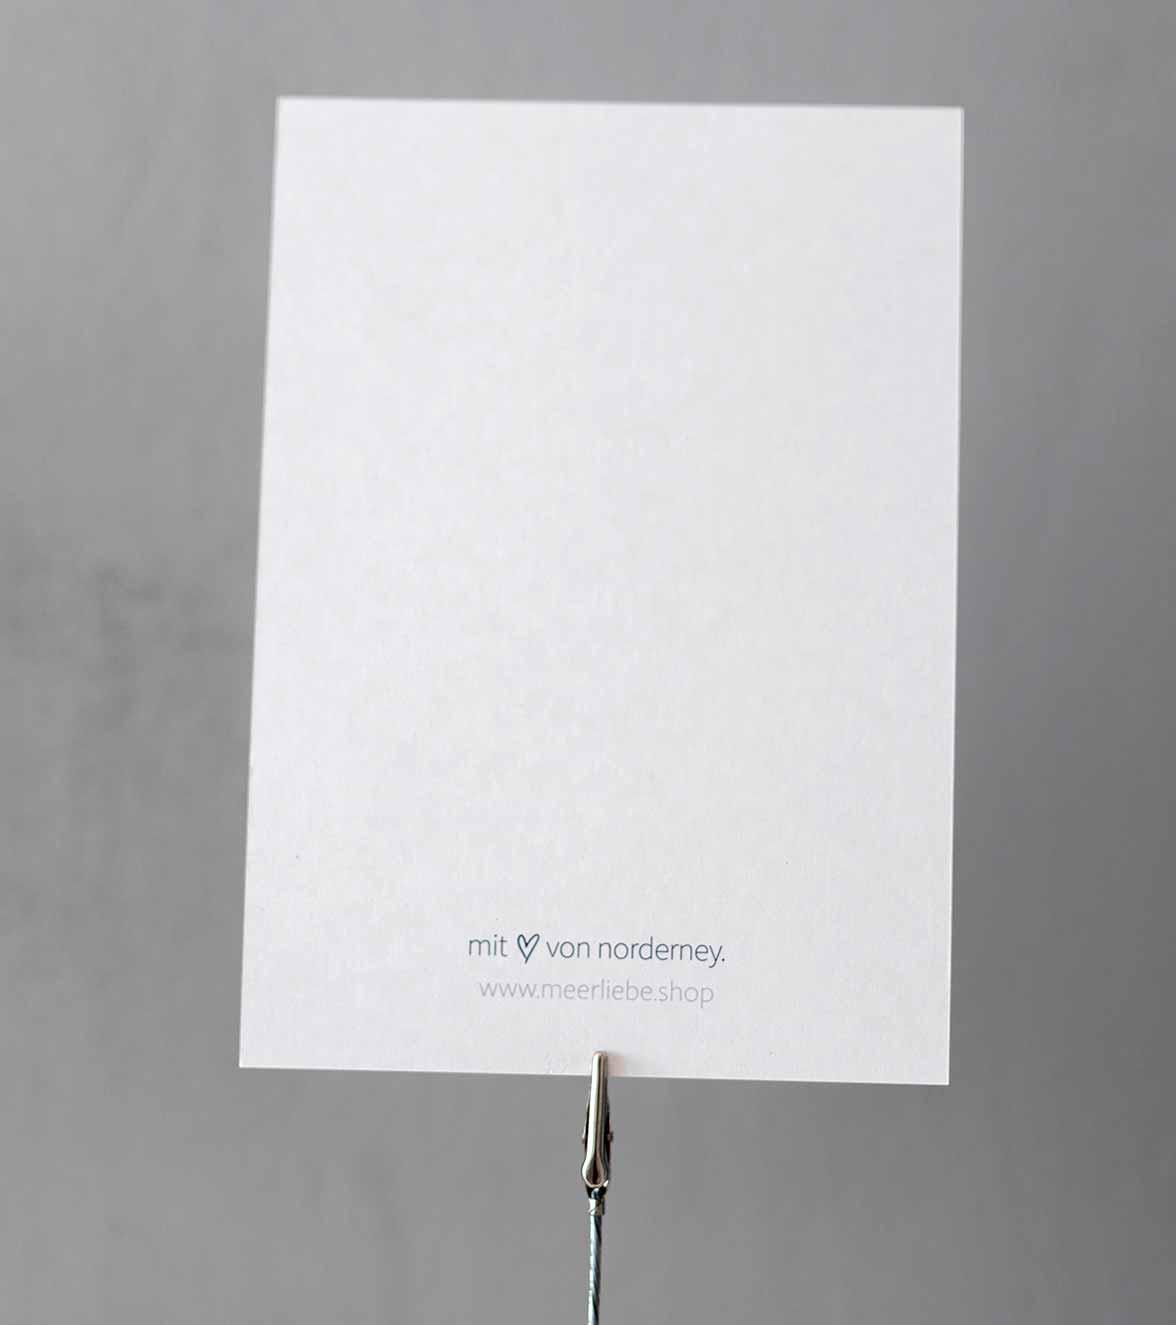 print-meerliebe-rückseite-mit-herz-von-norderney